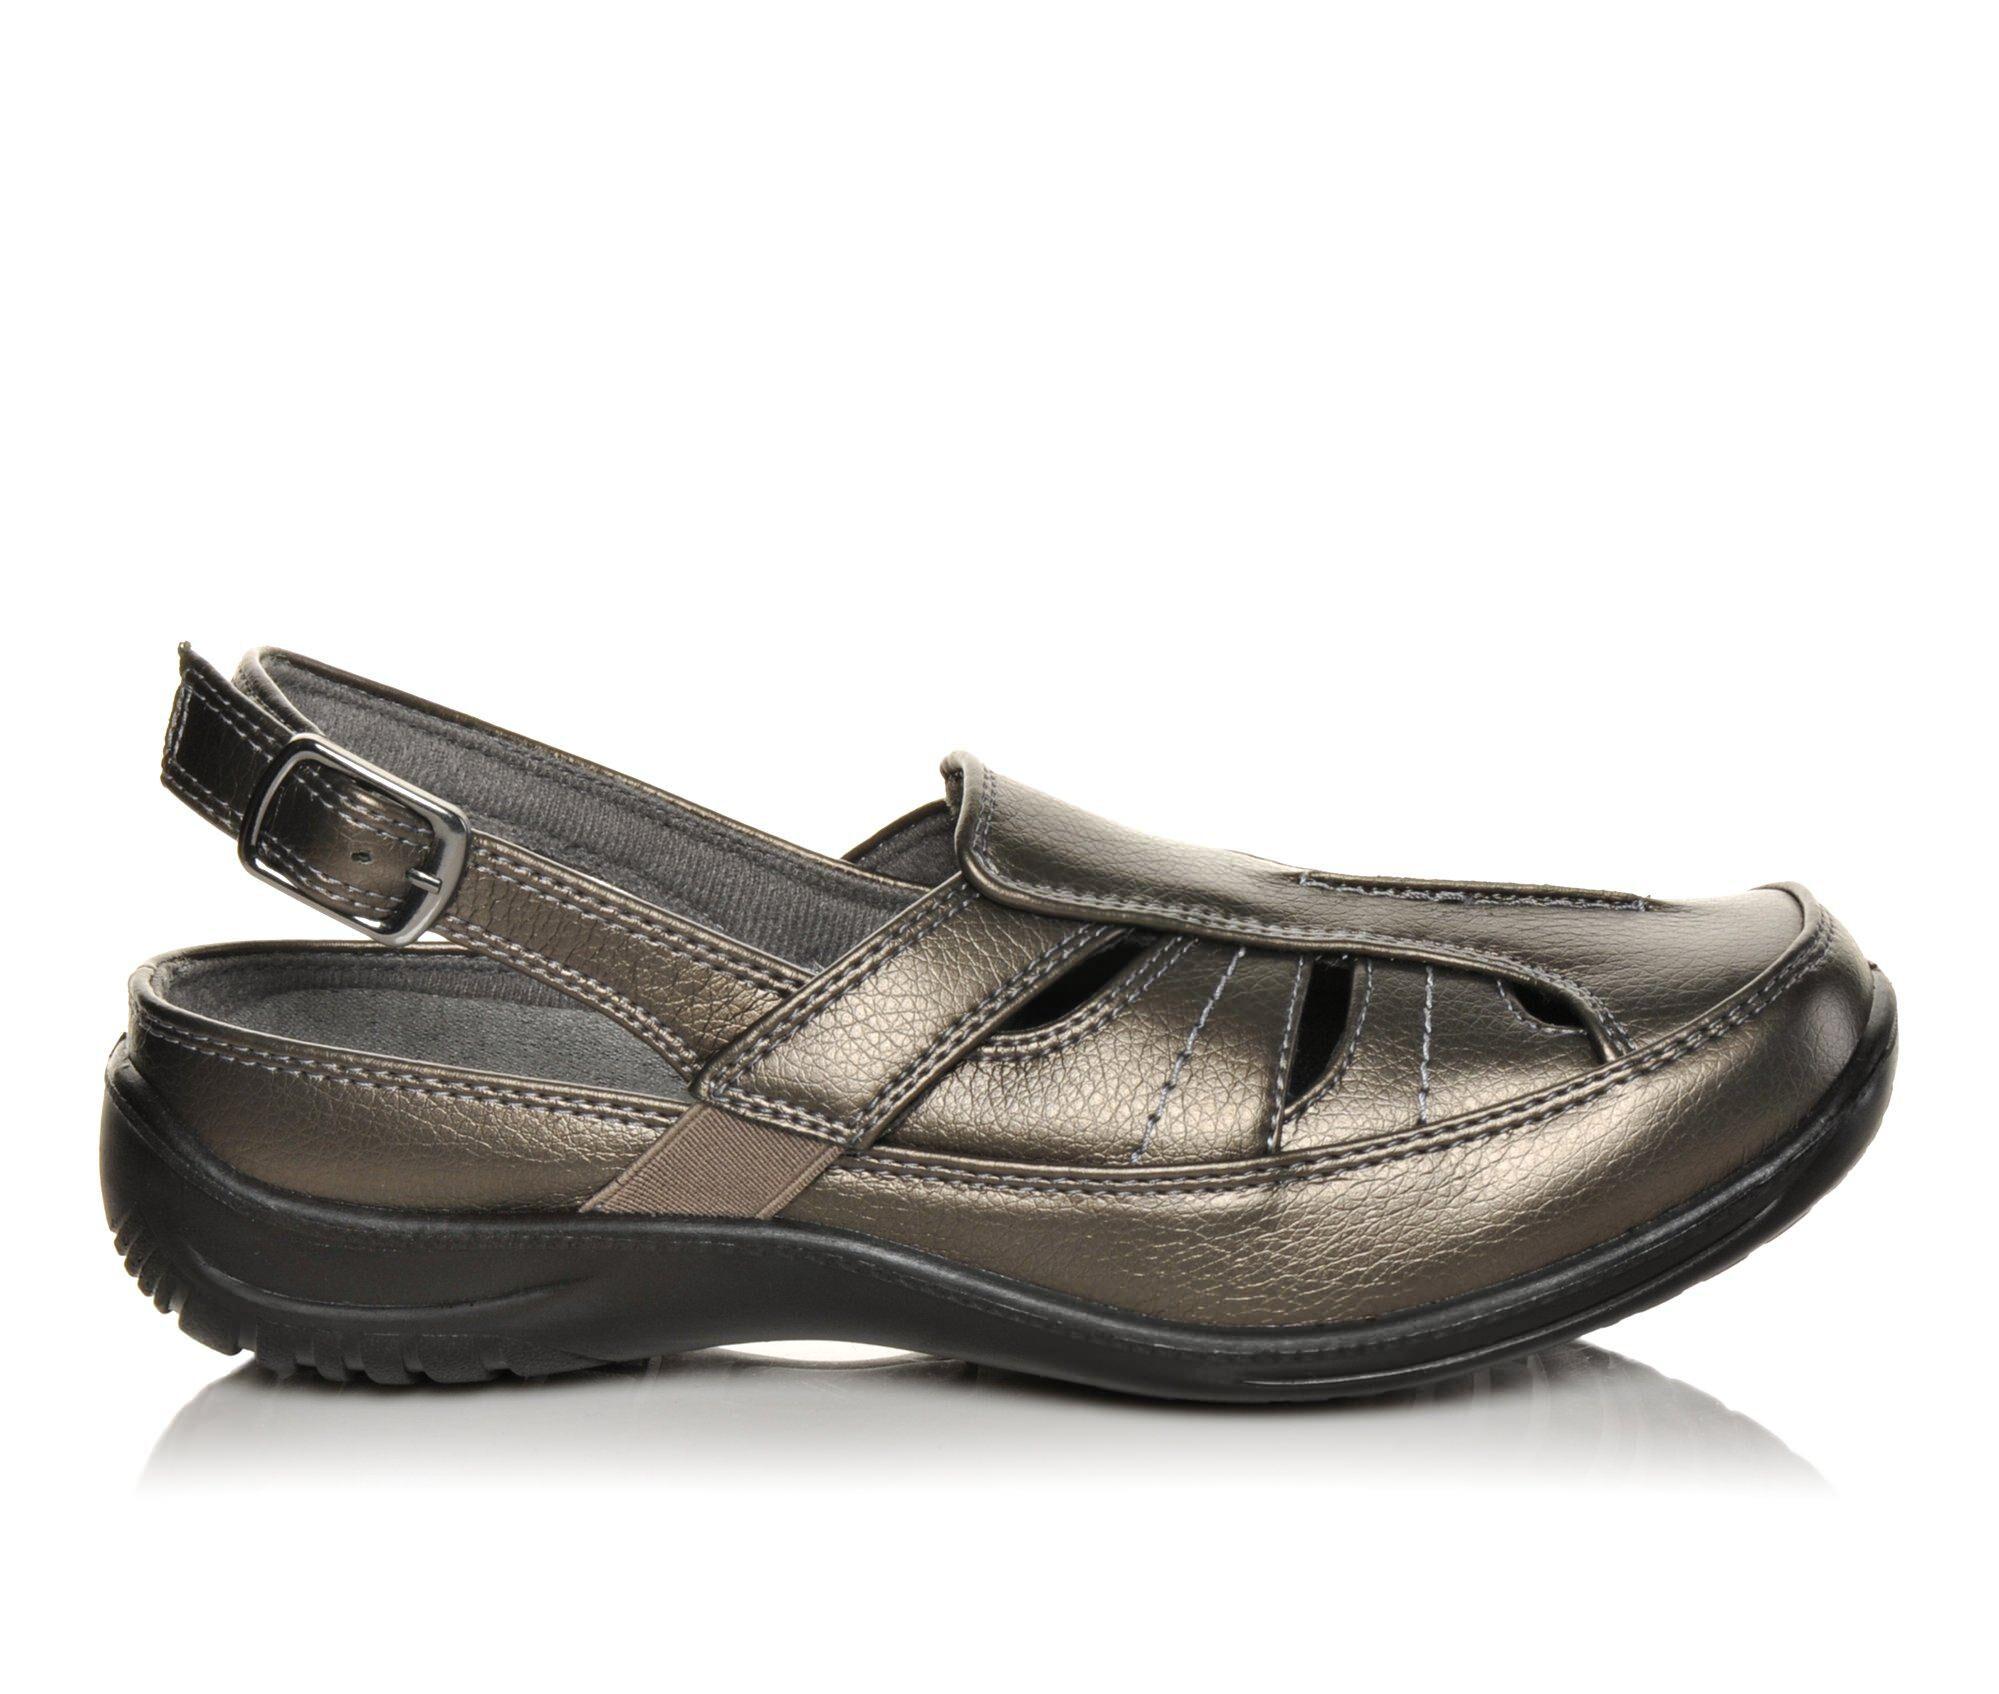 Women's Easy Street Splendid Shoes Pewter